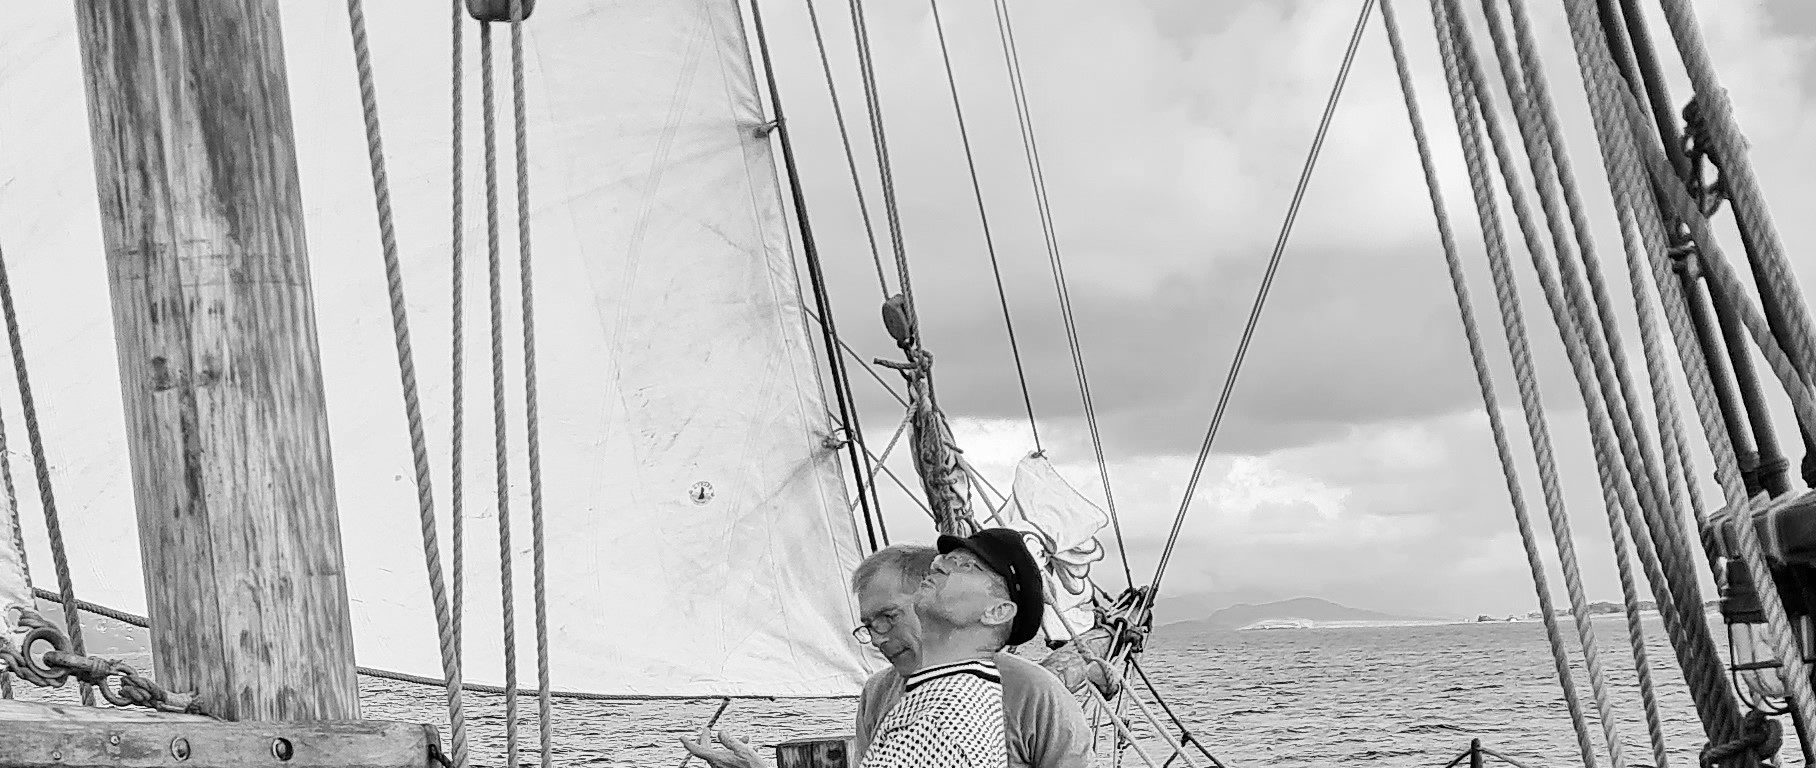 Seiling med finjustering seil og utstyr